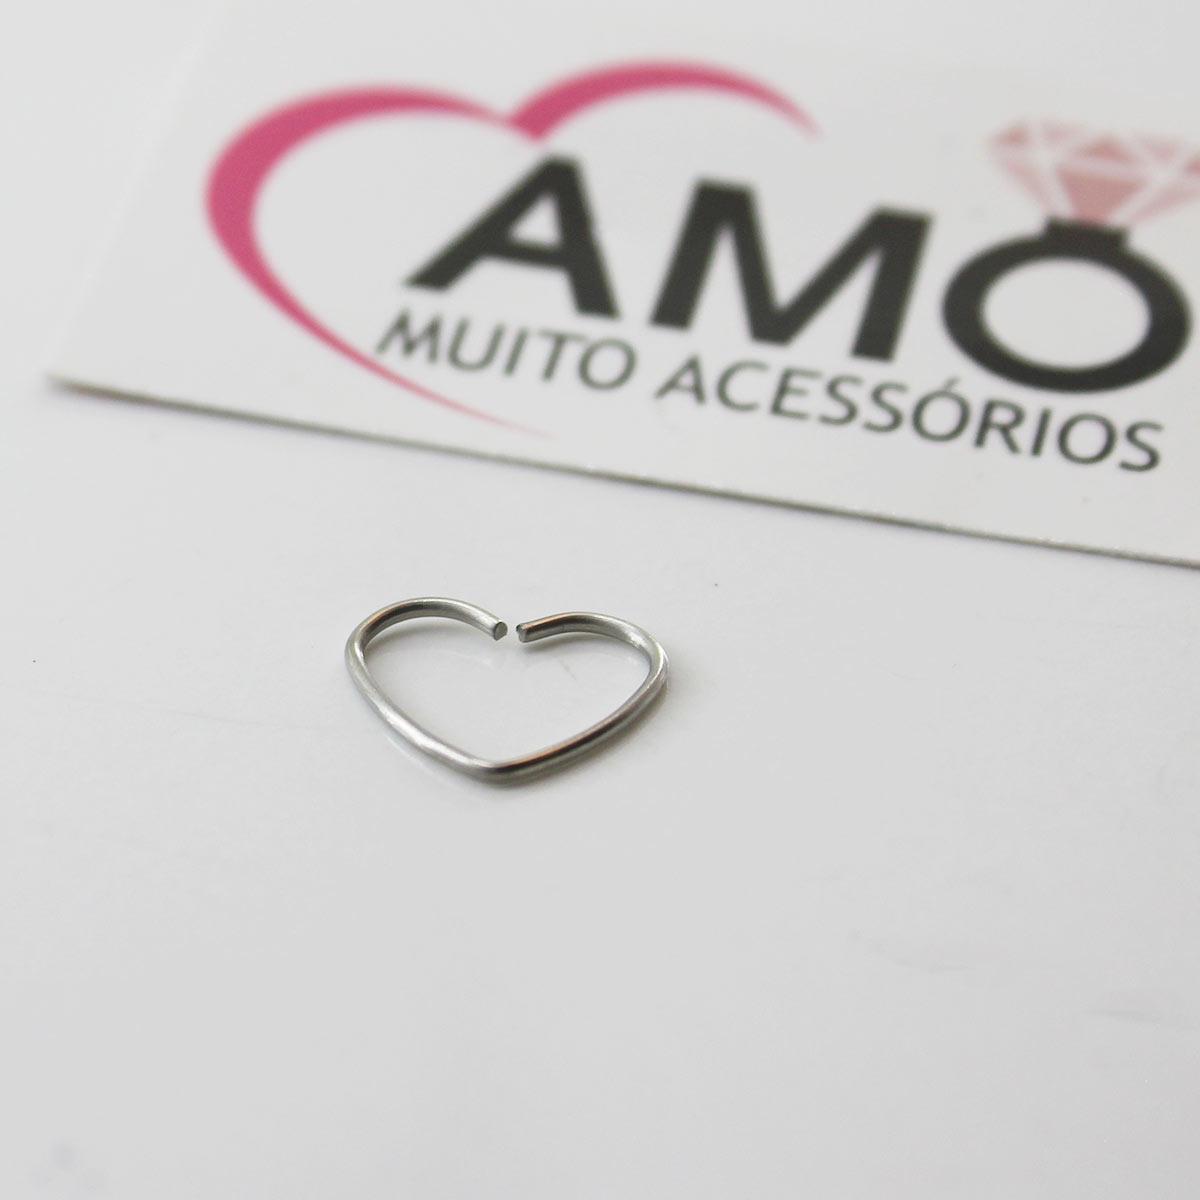 Piercing em formato de coração para tragus, daith ou cartilagem